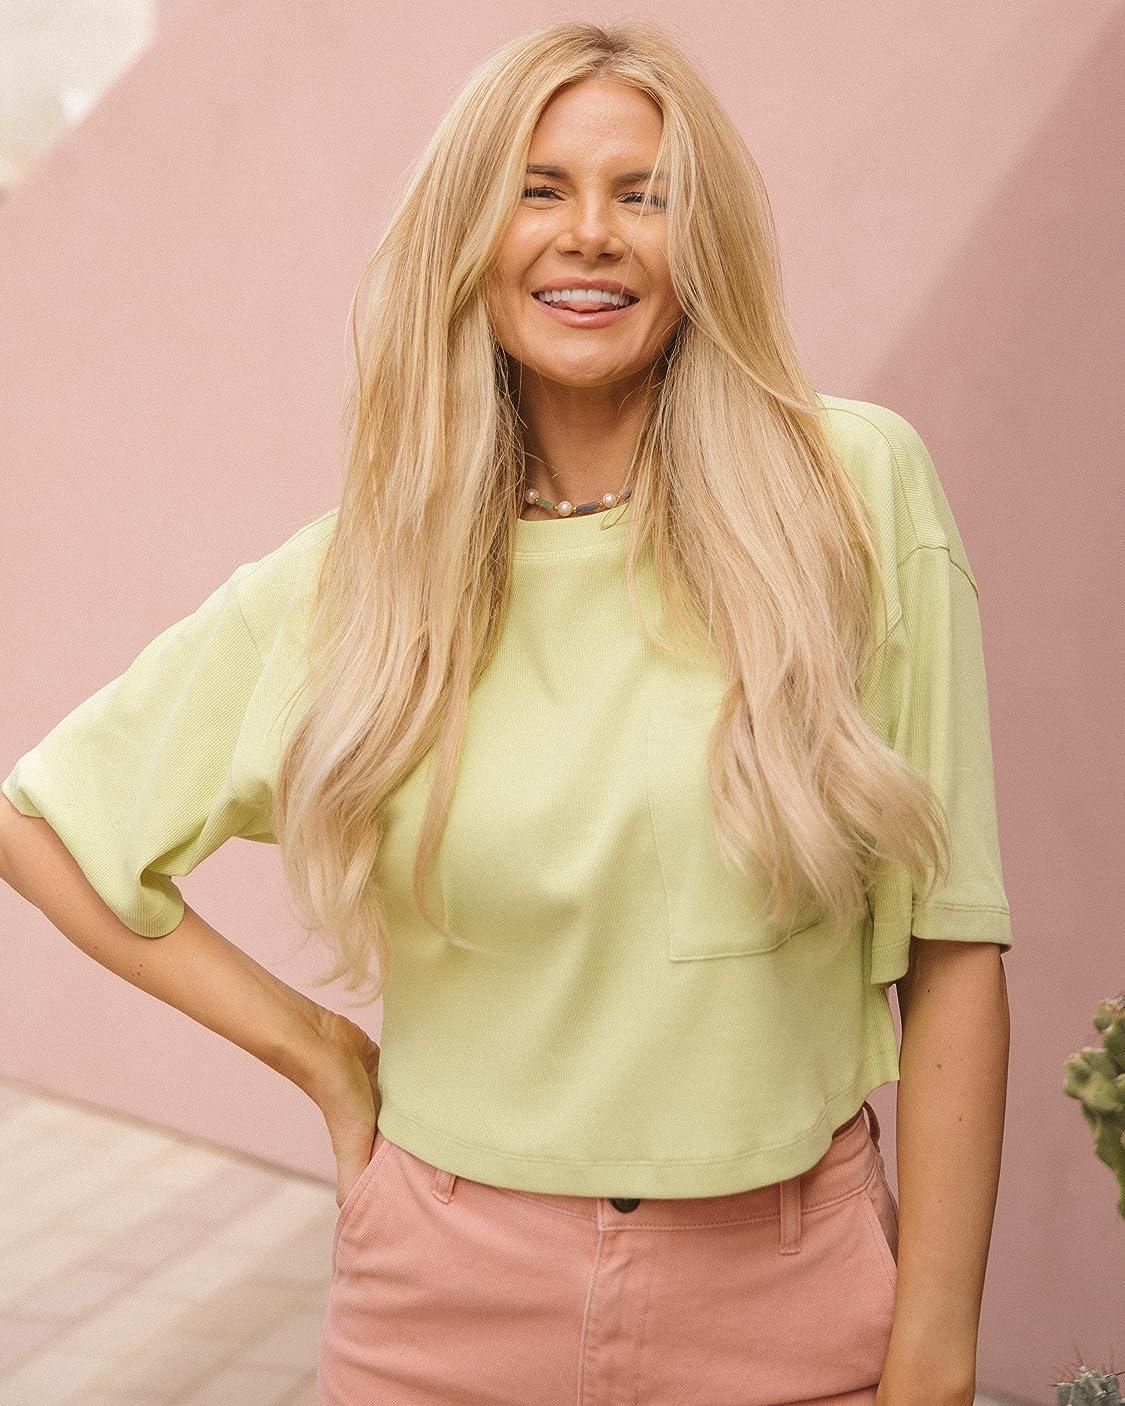 Amber Fillerup Clark indossa The Drop, Maglietta da Donna, Corta in Maglia, Verde Pallido, di @amberfillerup